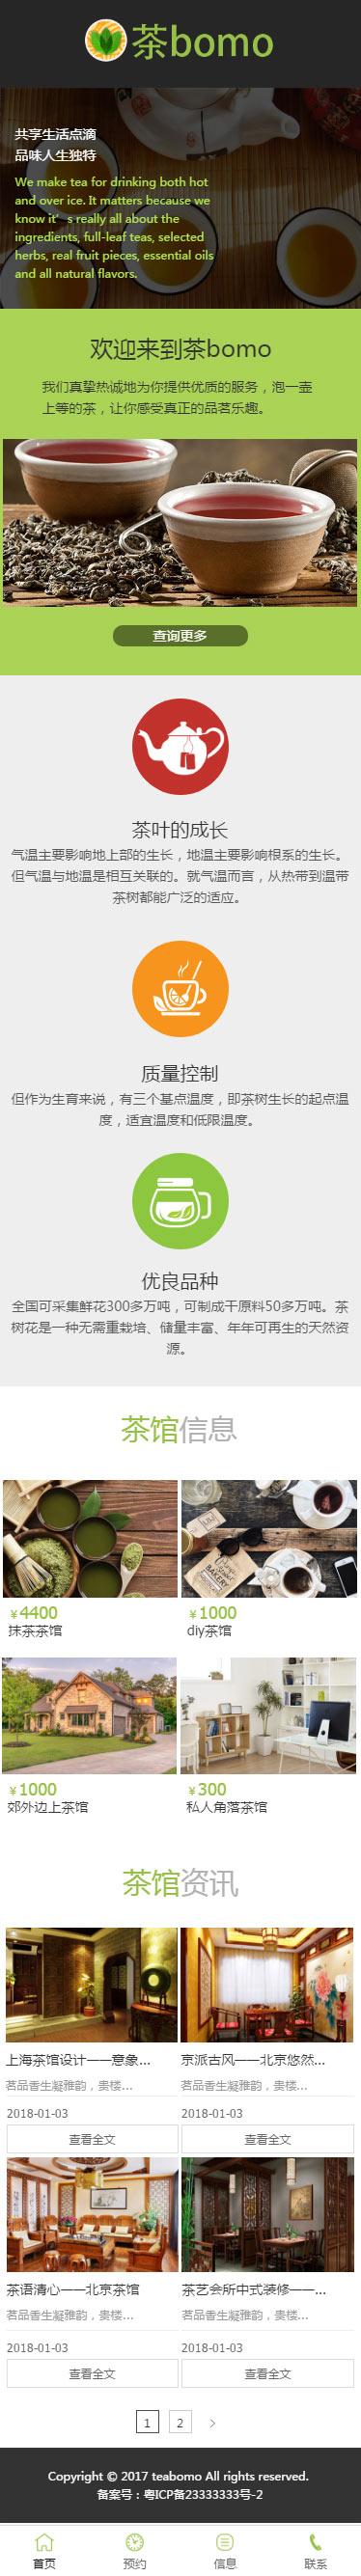 茶bomo茶馆展示小程序模板